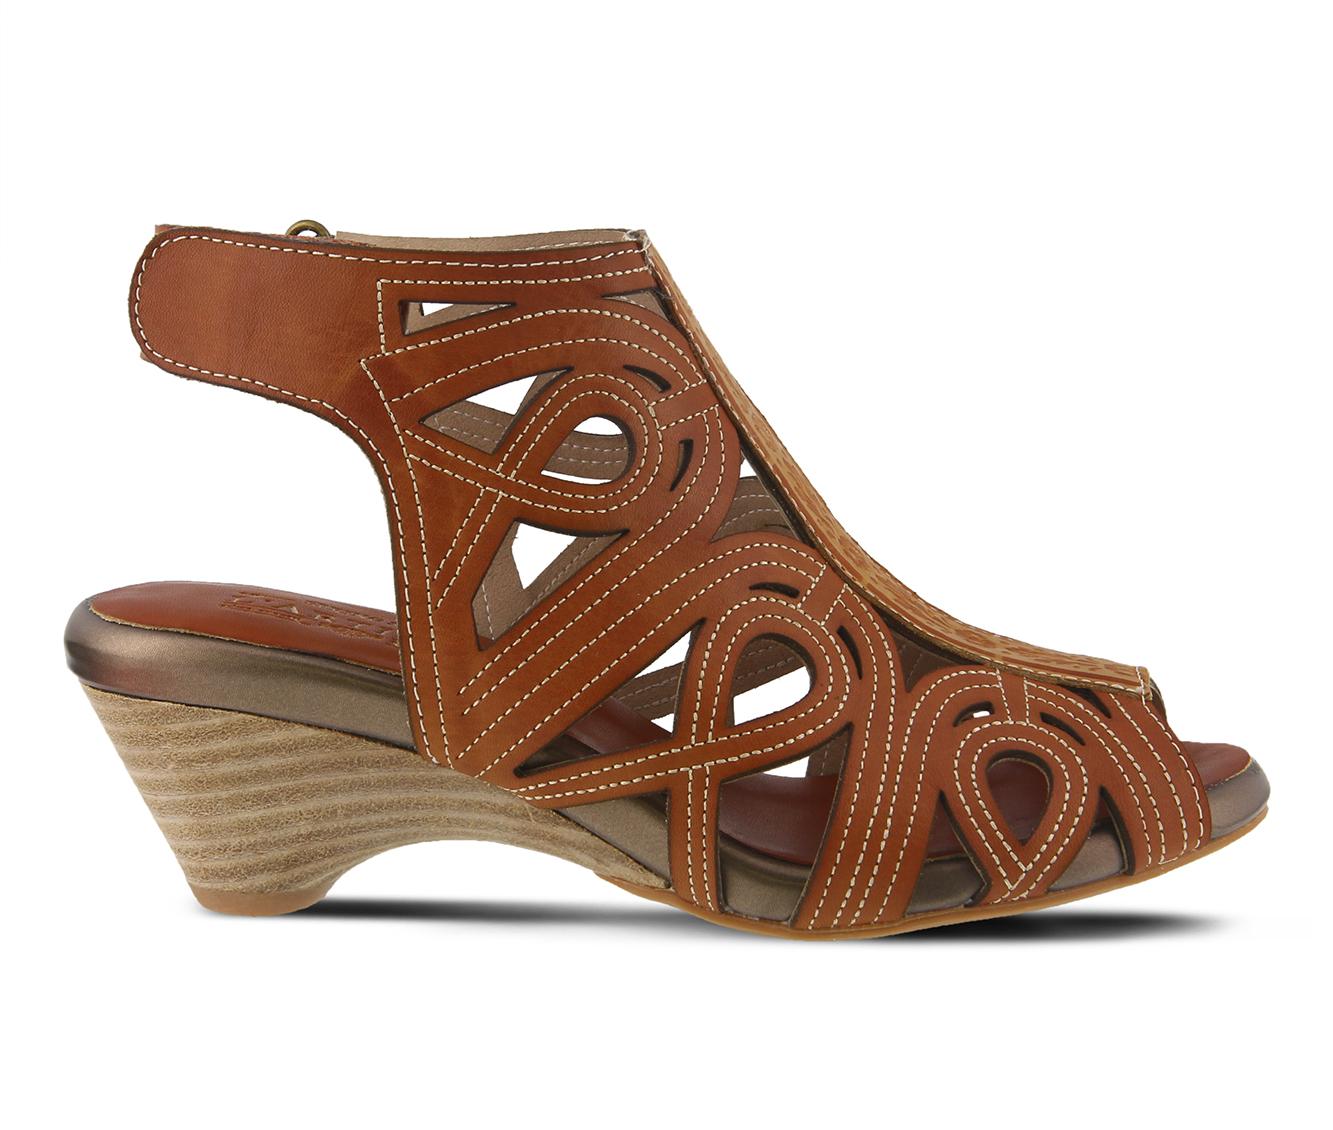 L'Artiste Flourish Women's Dress Shoe (Beige Leather)